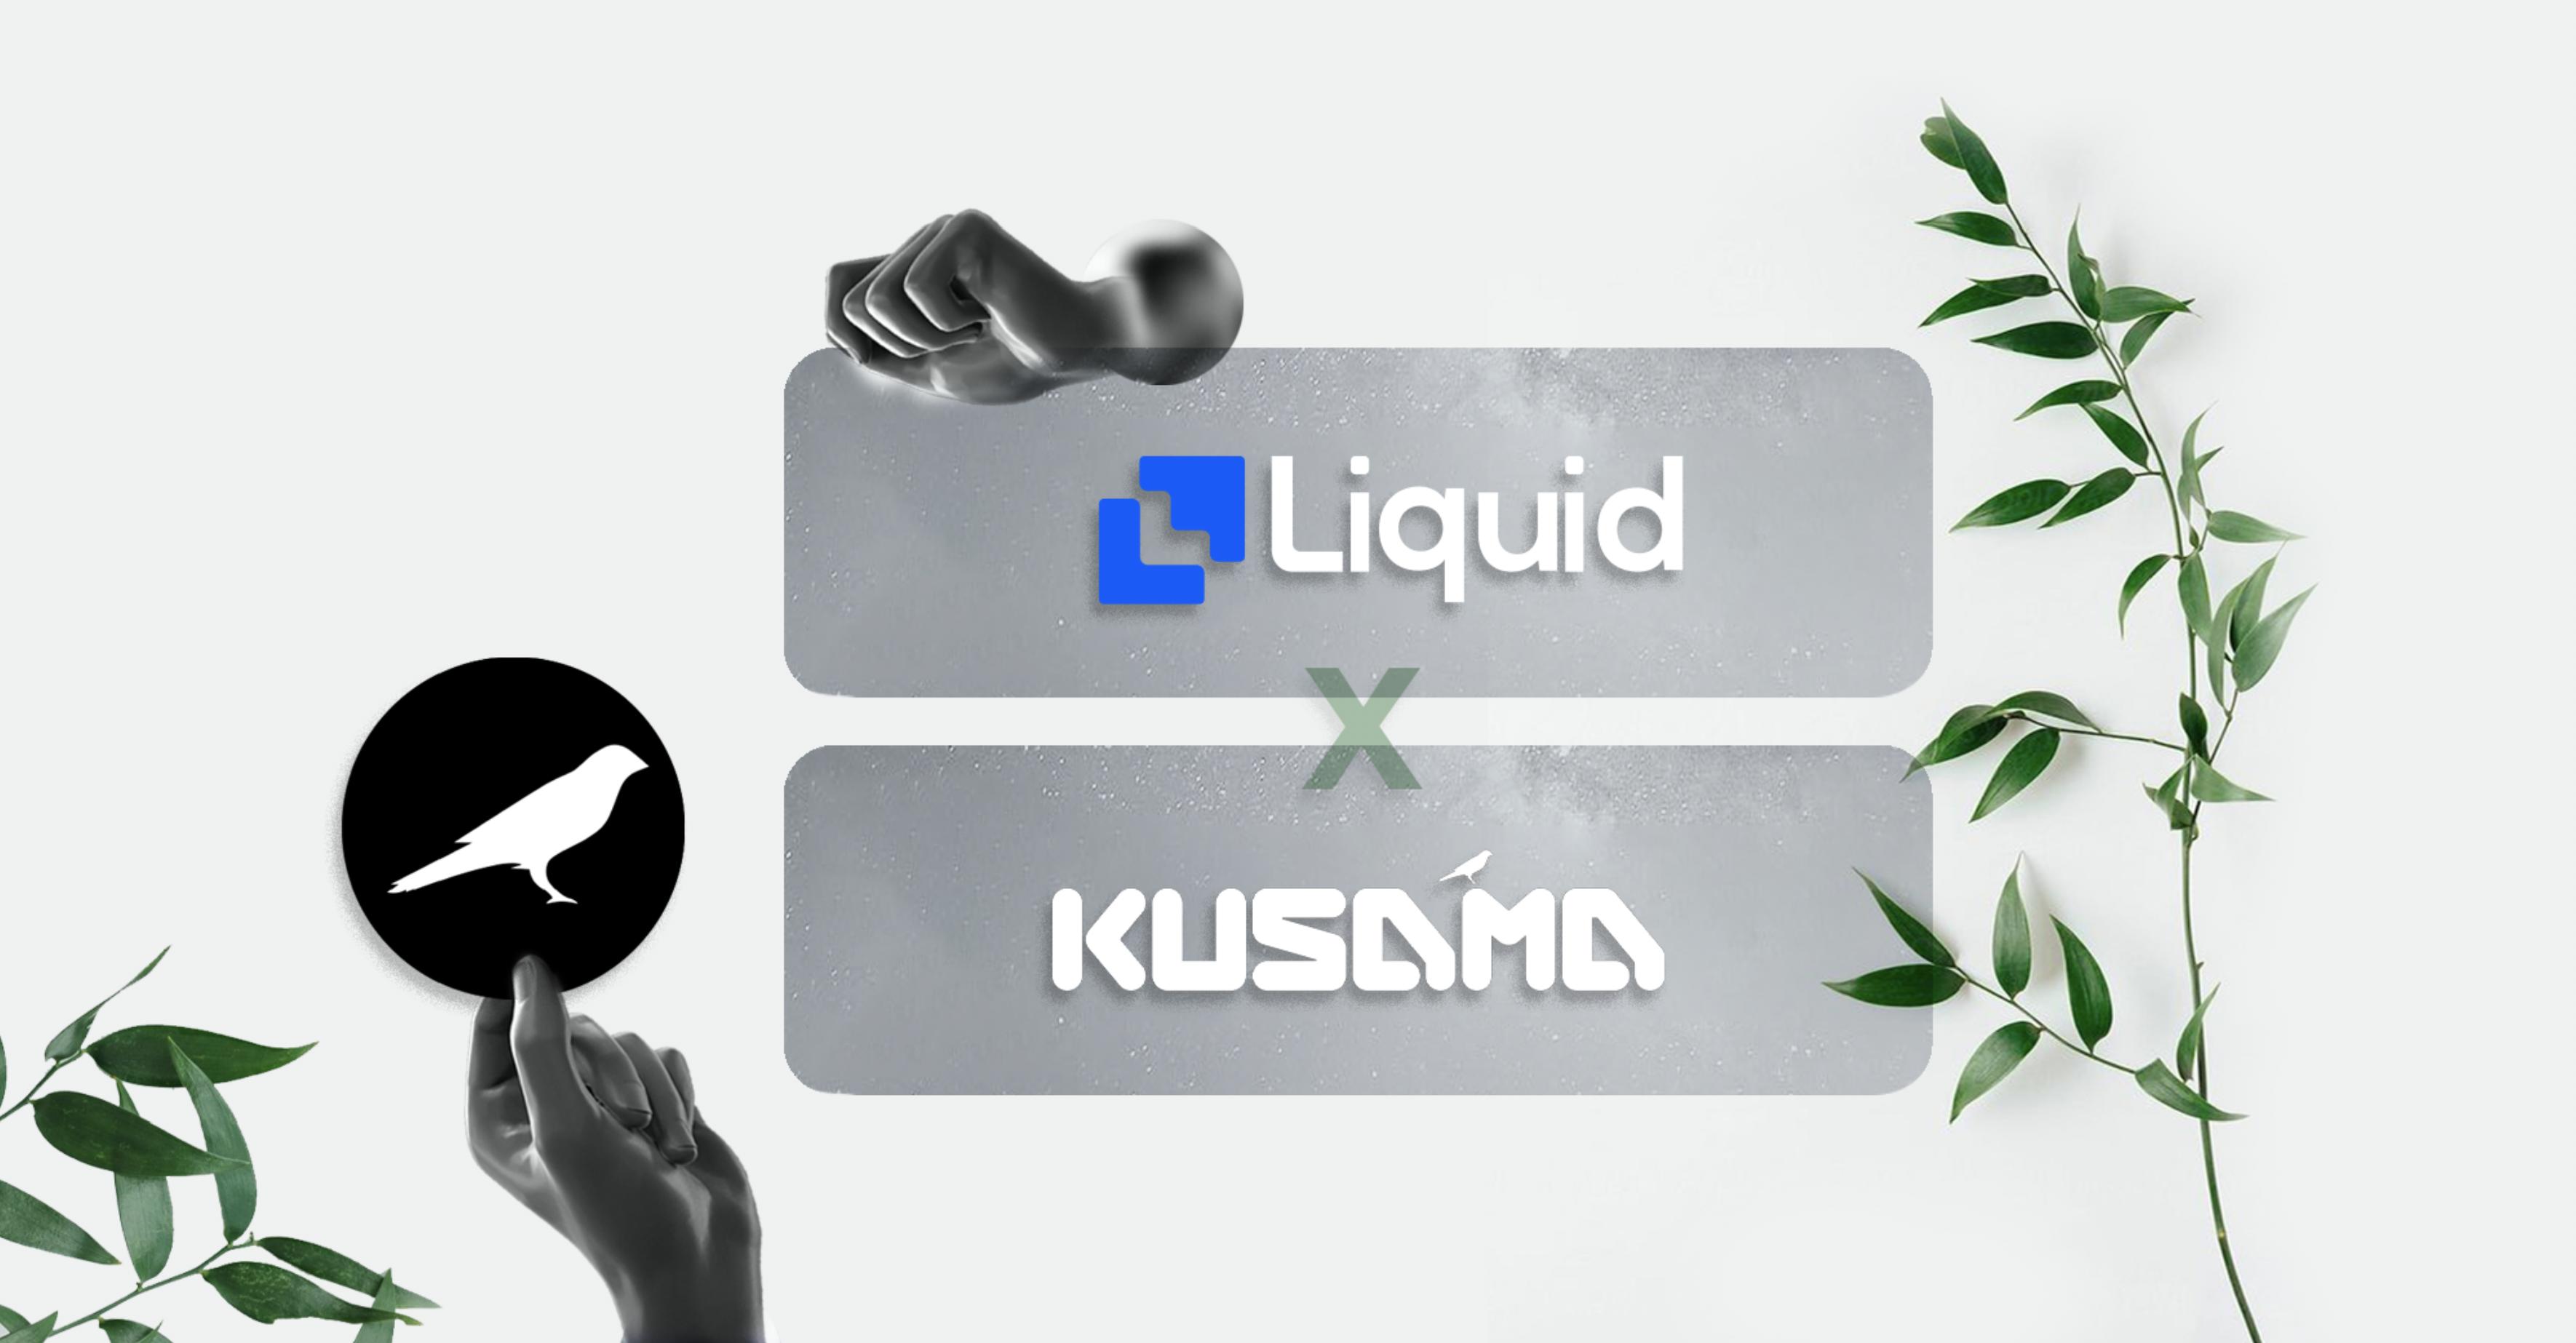 buy kusama on liquid exchange